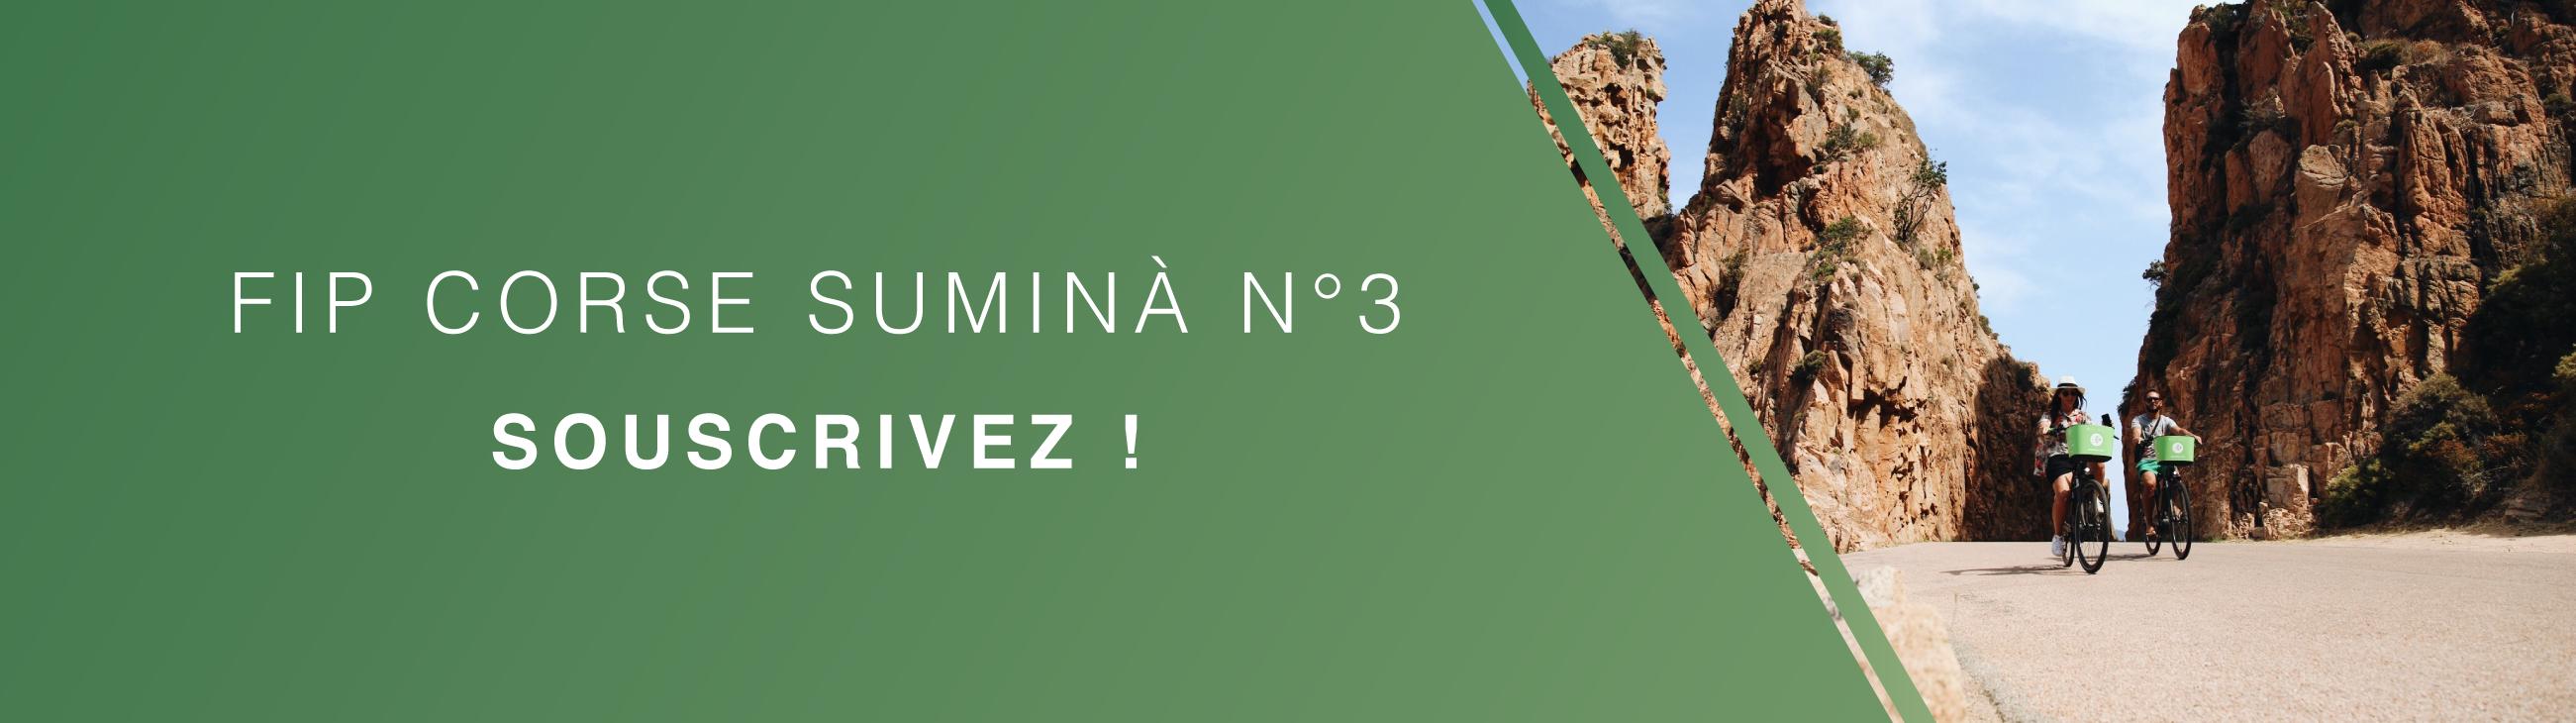 Le FIP Corse Suminà n°3, souscrivez dès maintenant !